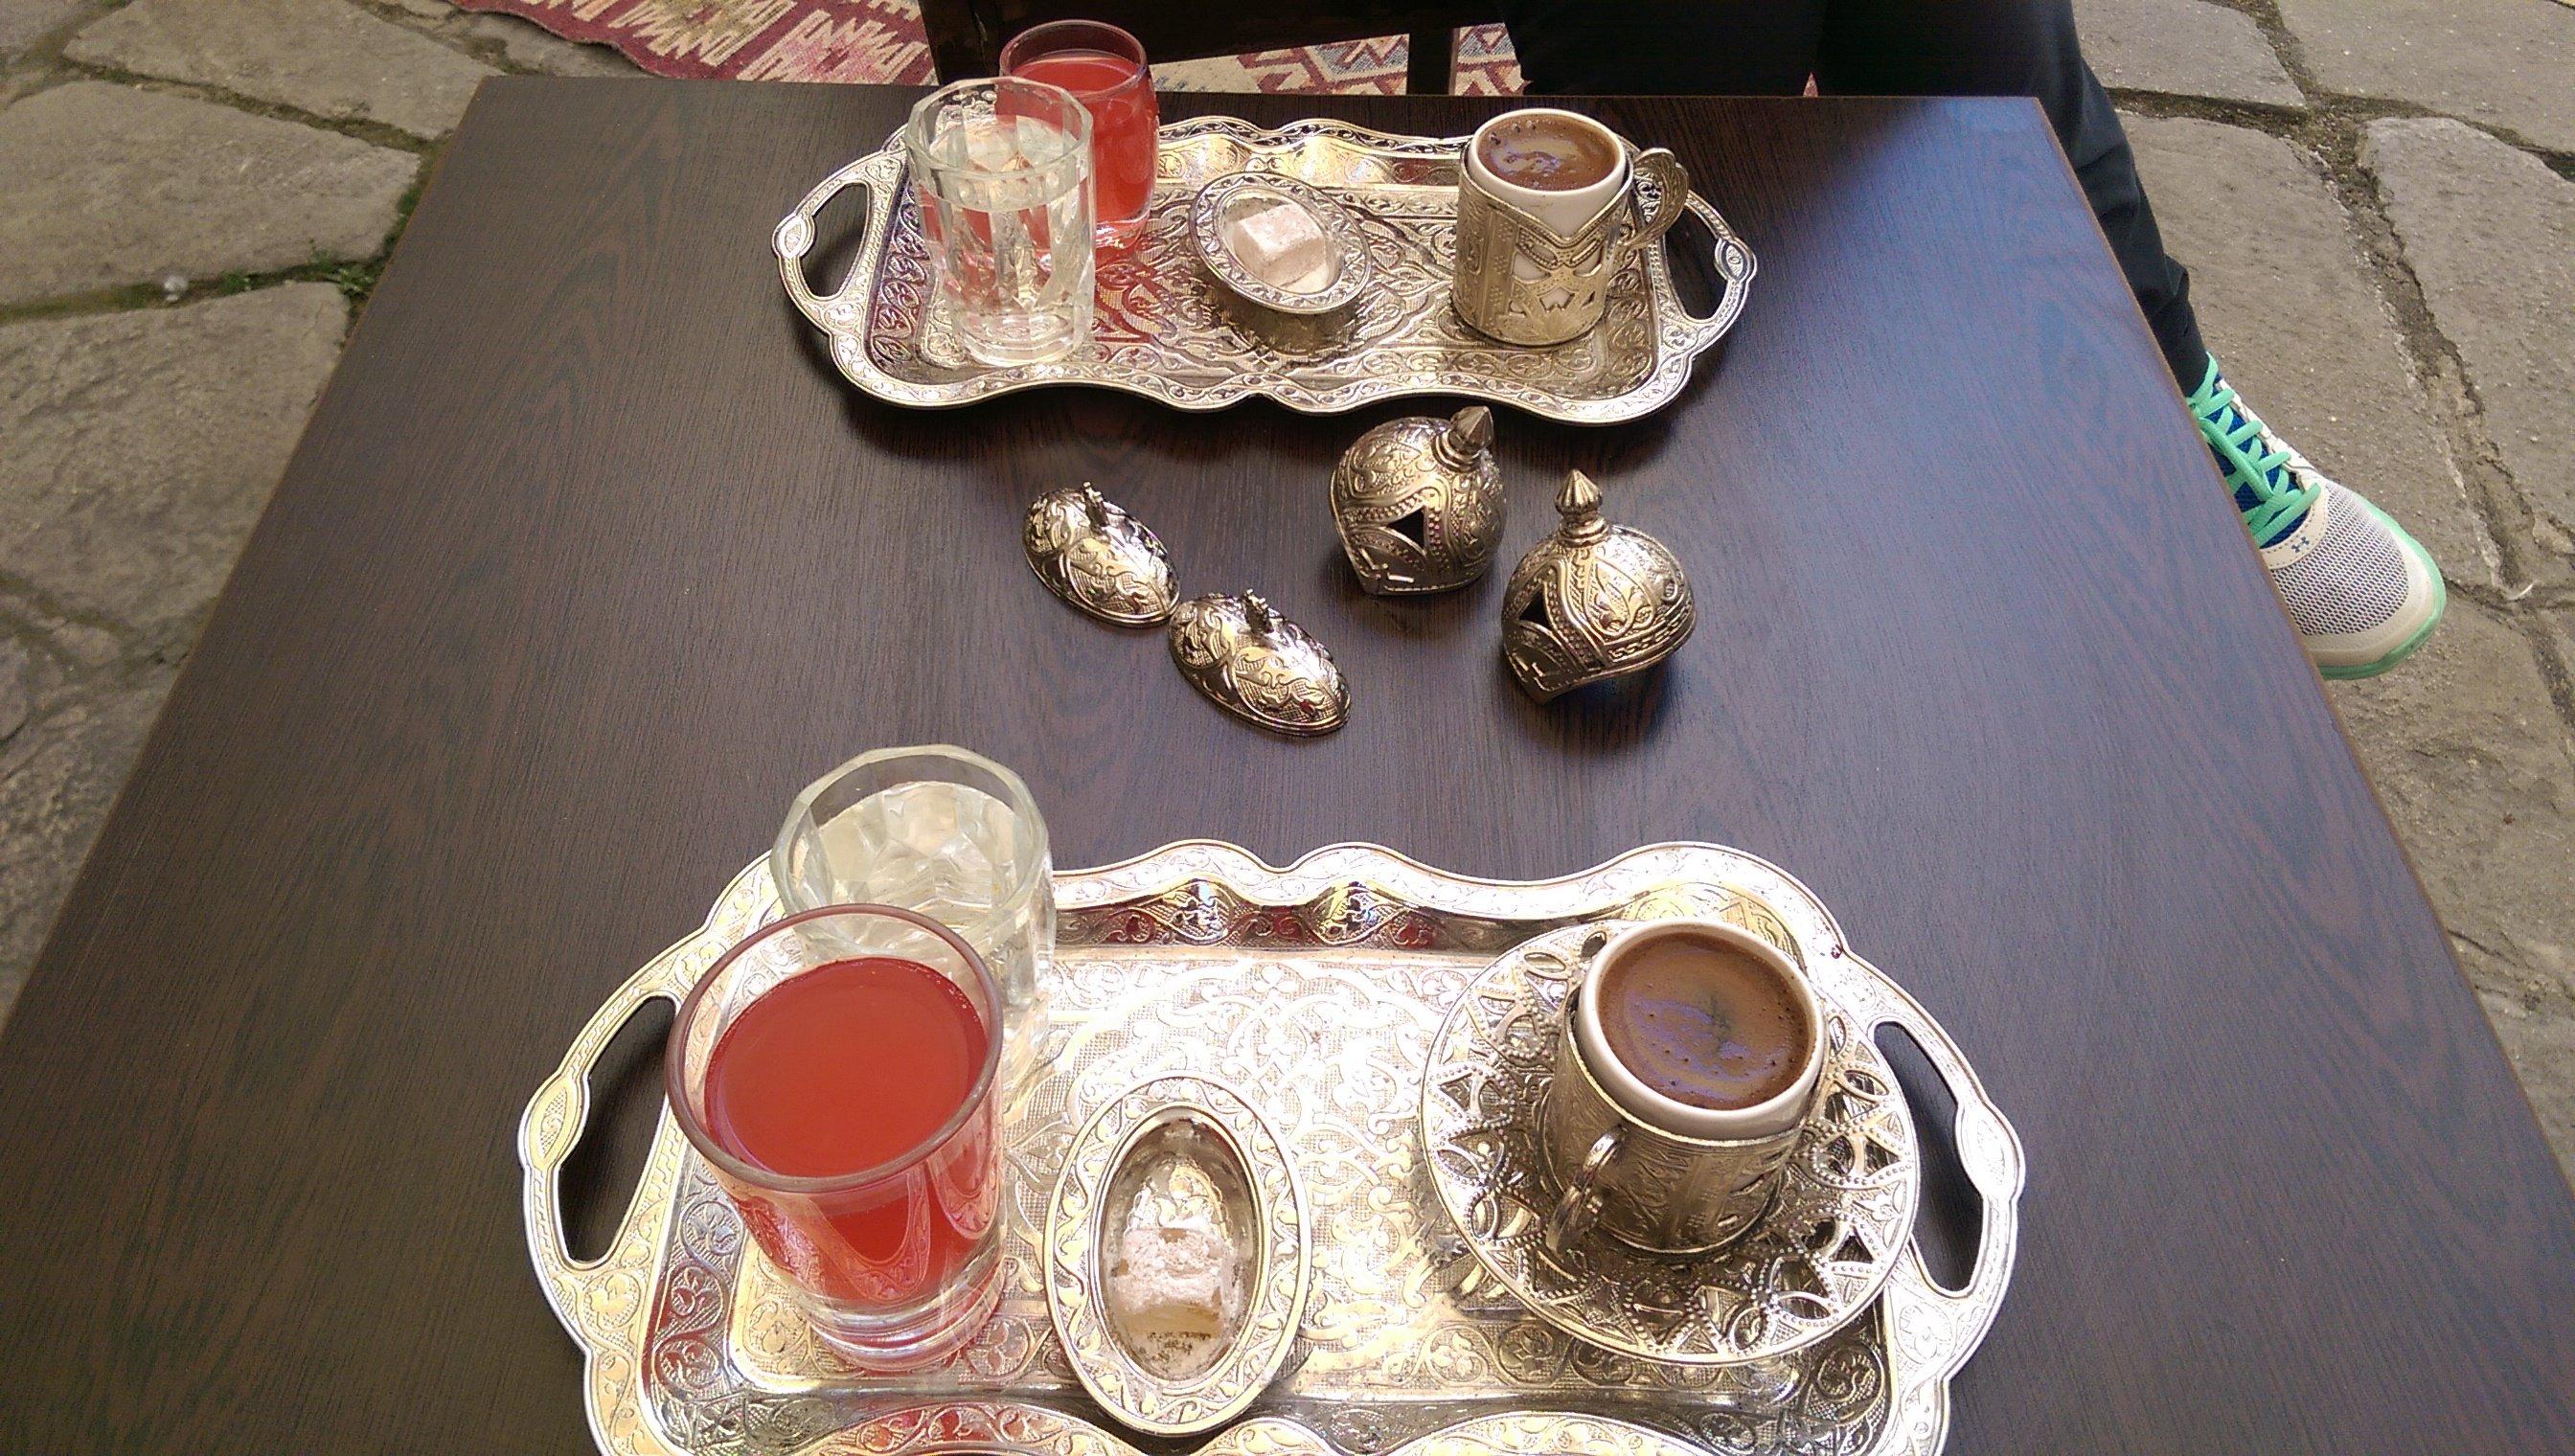 Cinci Hamam - Safranbolu - Cinci Hamam Yorumları - TripAdvisor